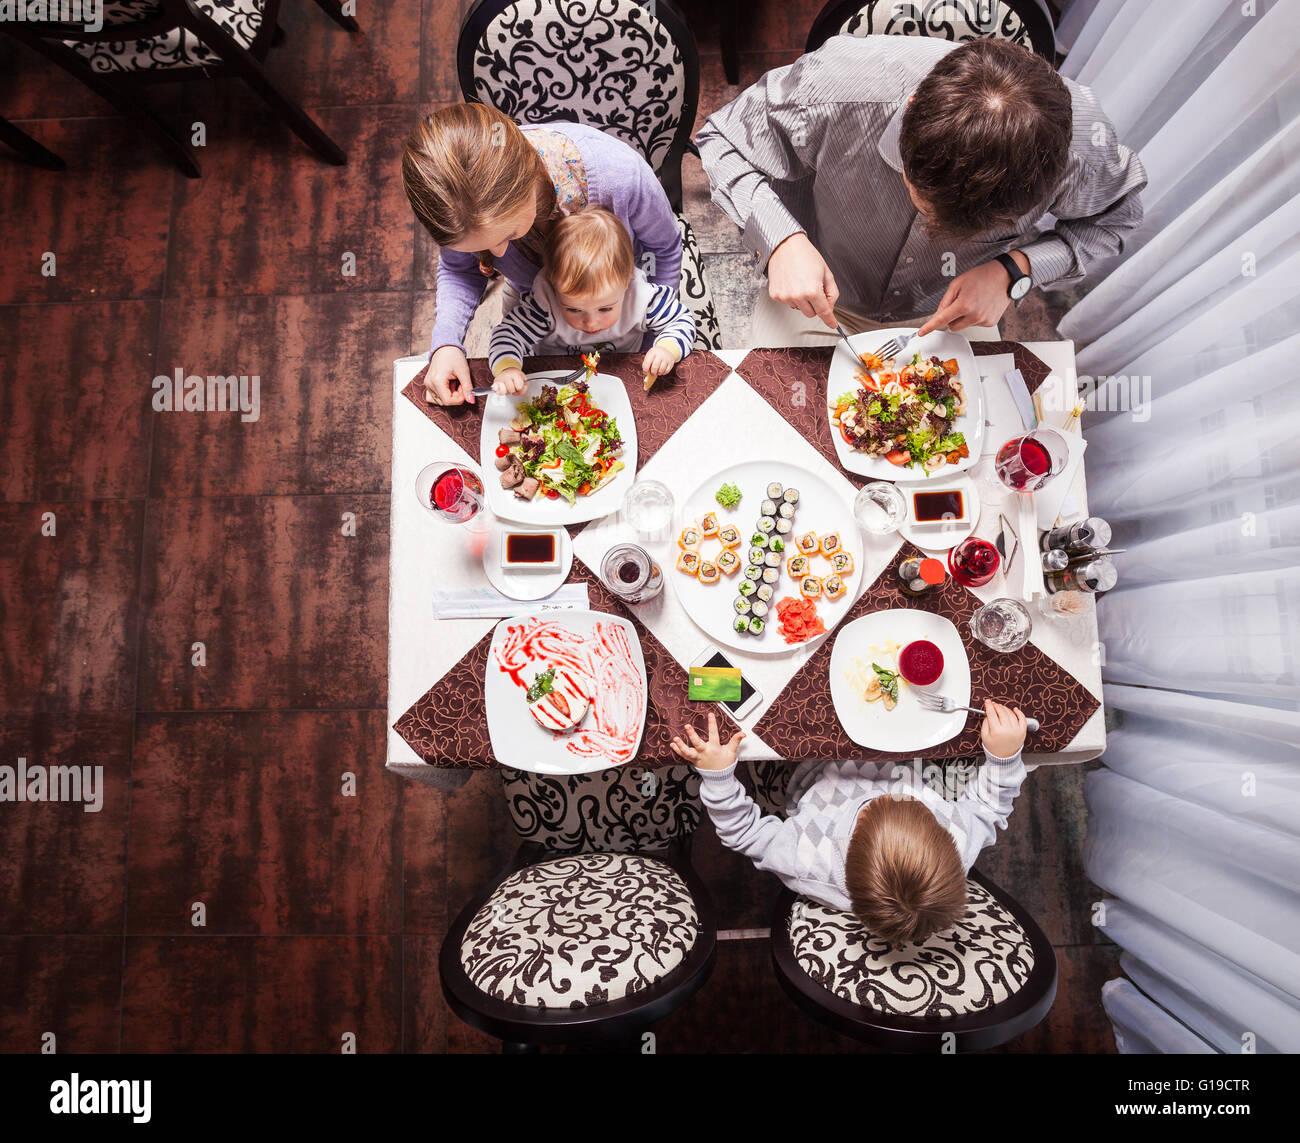 Famille de quatre personnes ayant délicieux repas dans un restaurant Photo Stock